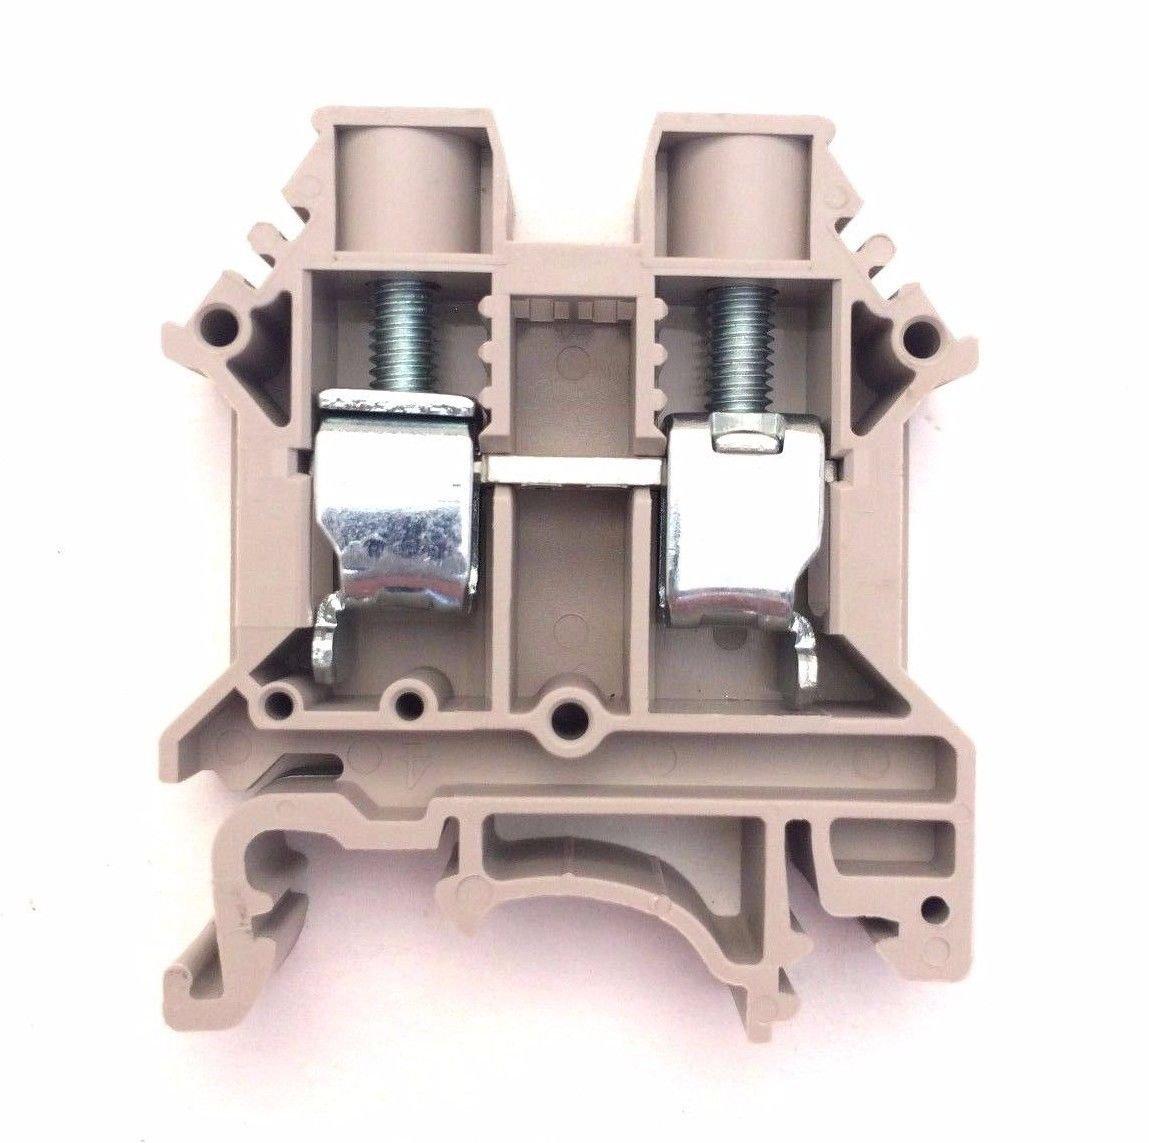 Dinkle DK10N DIN Rail Terminal Block Screw Type UL 600V 60A 6-20AWG, Pack of 50